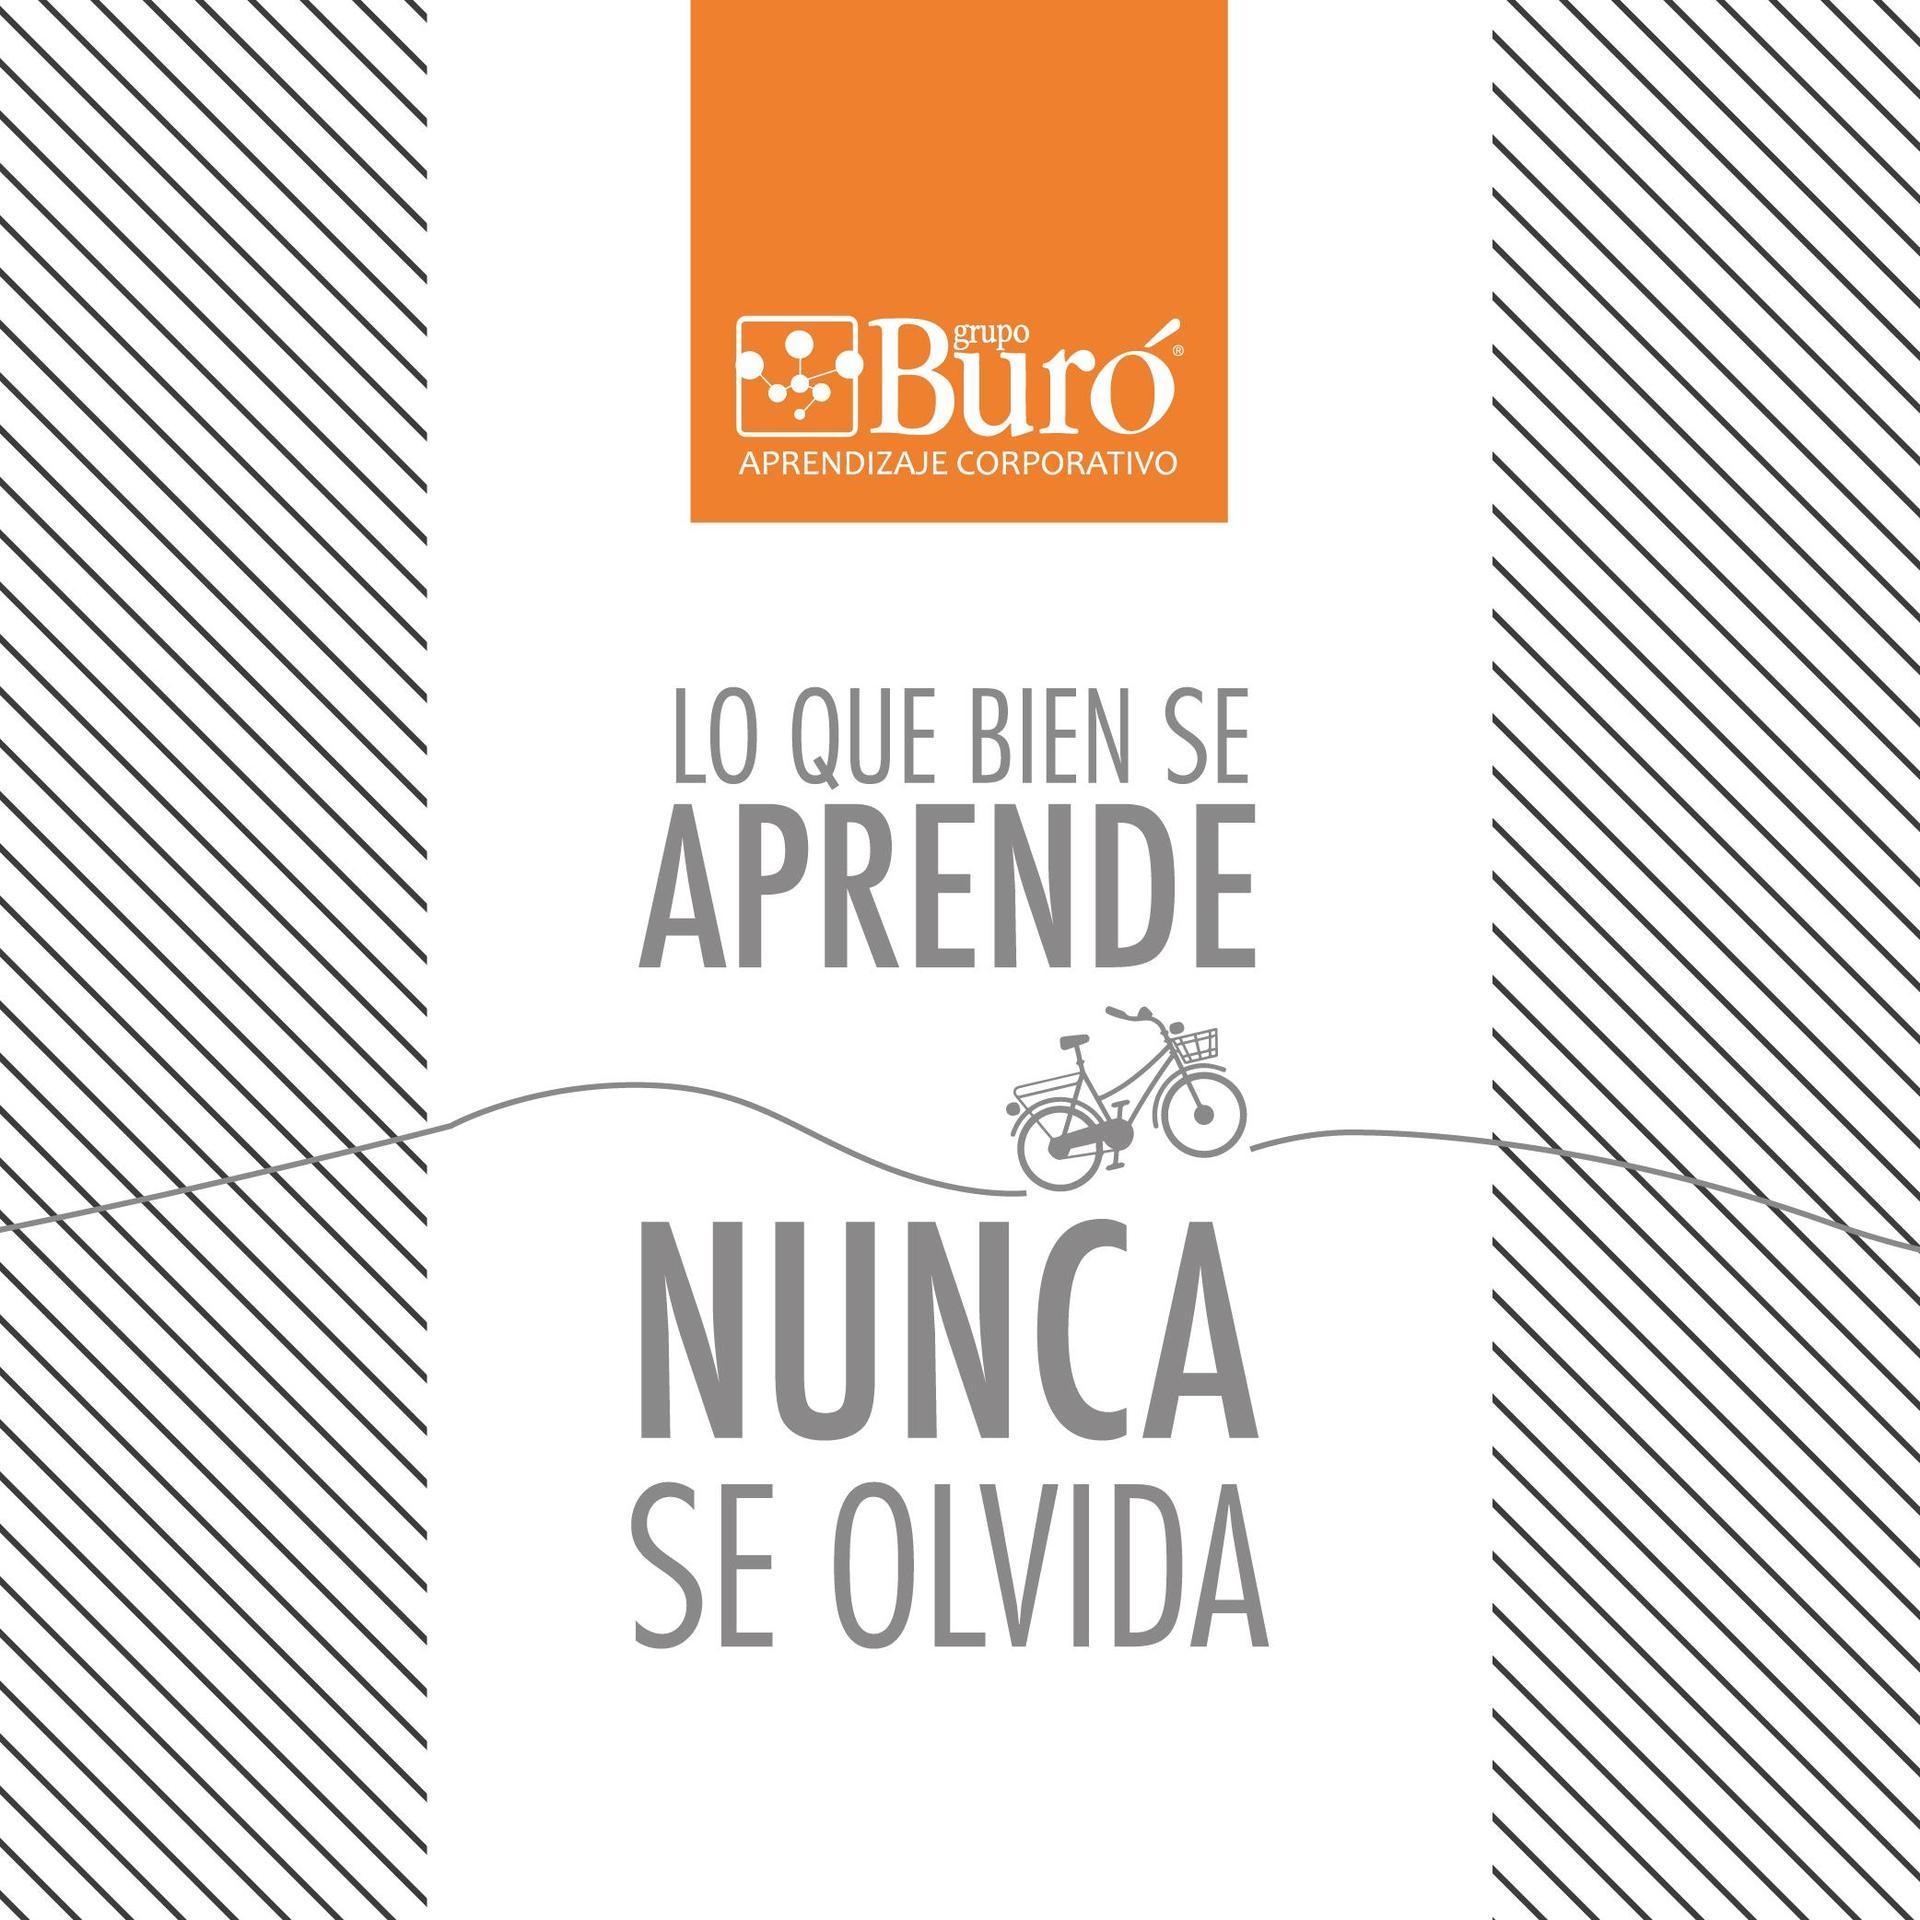 Grupo Buró